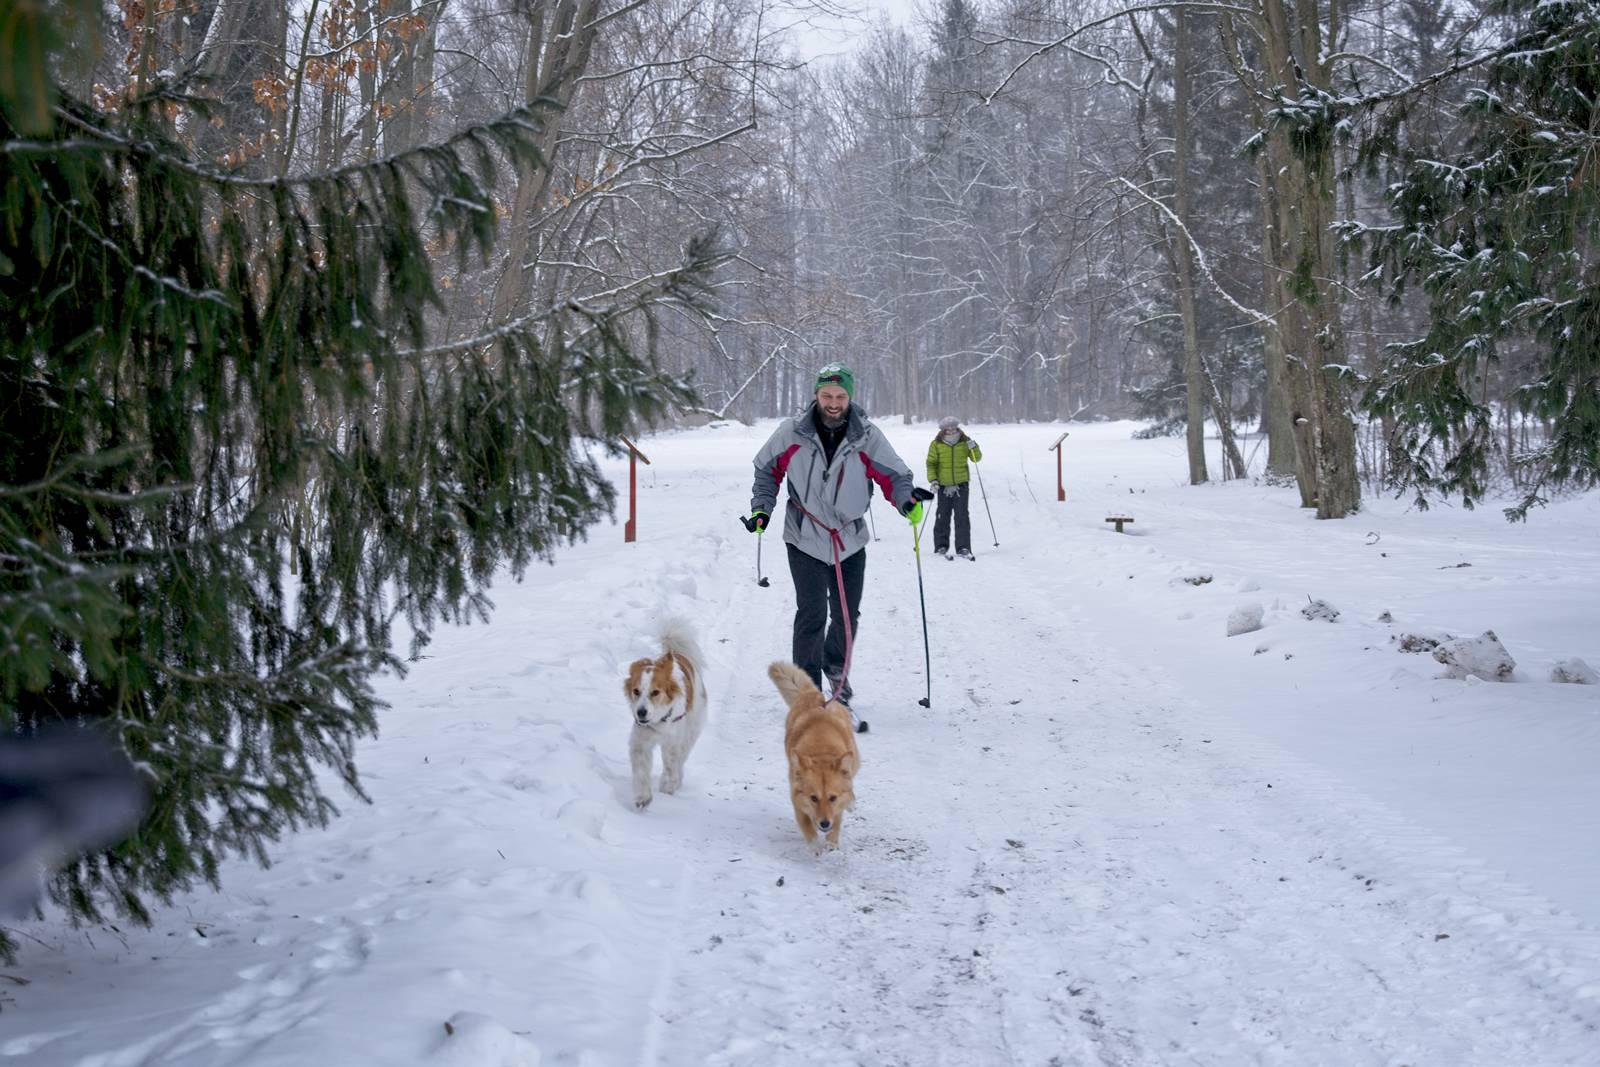 bialowieza biegowki narty biegowe w bialowiezy puszcza bialowieska zima